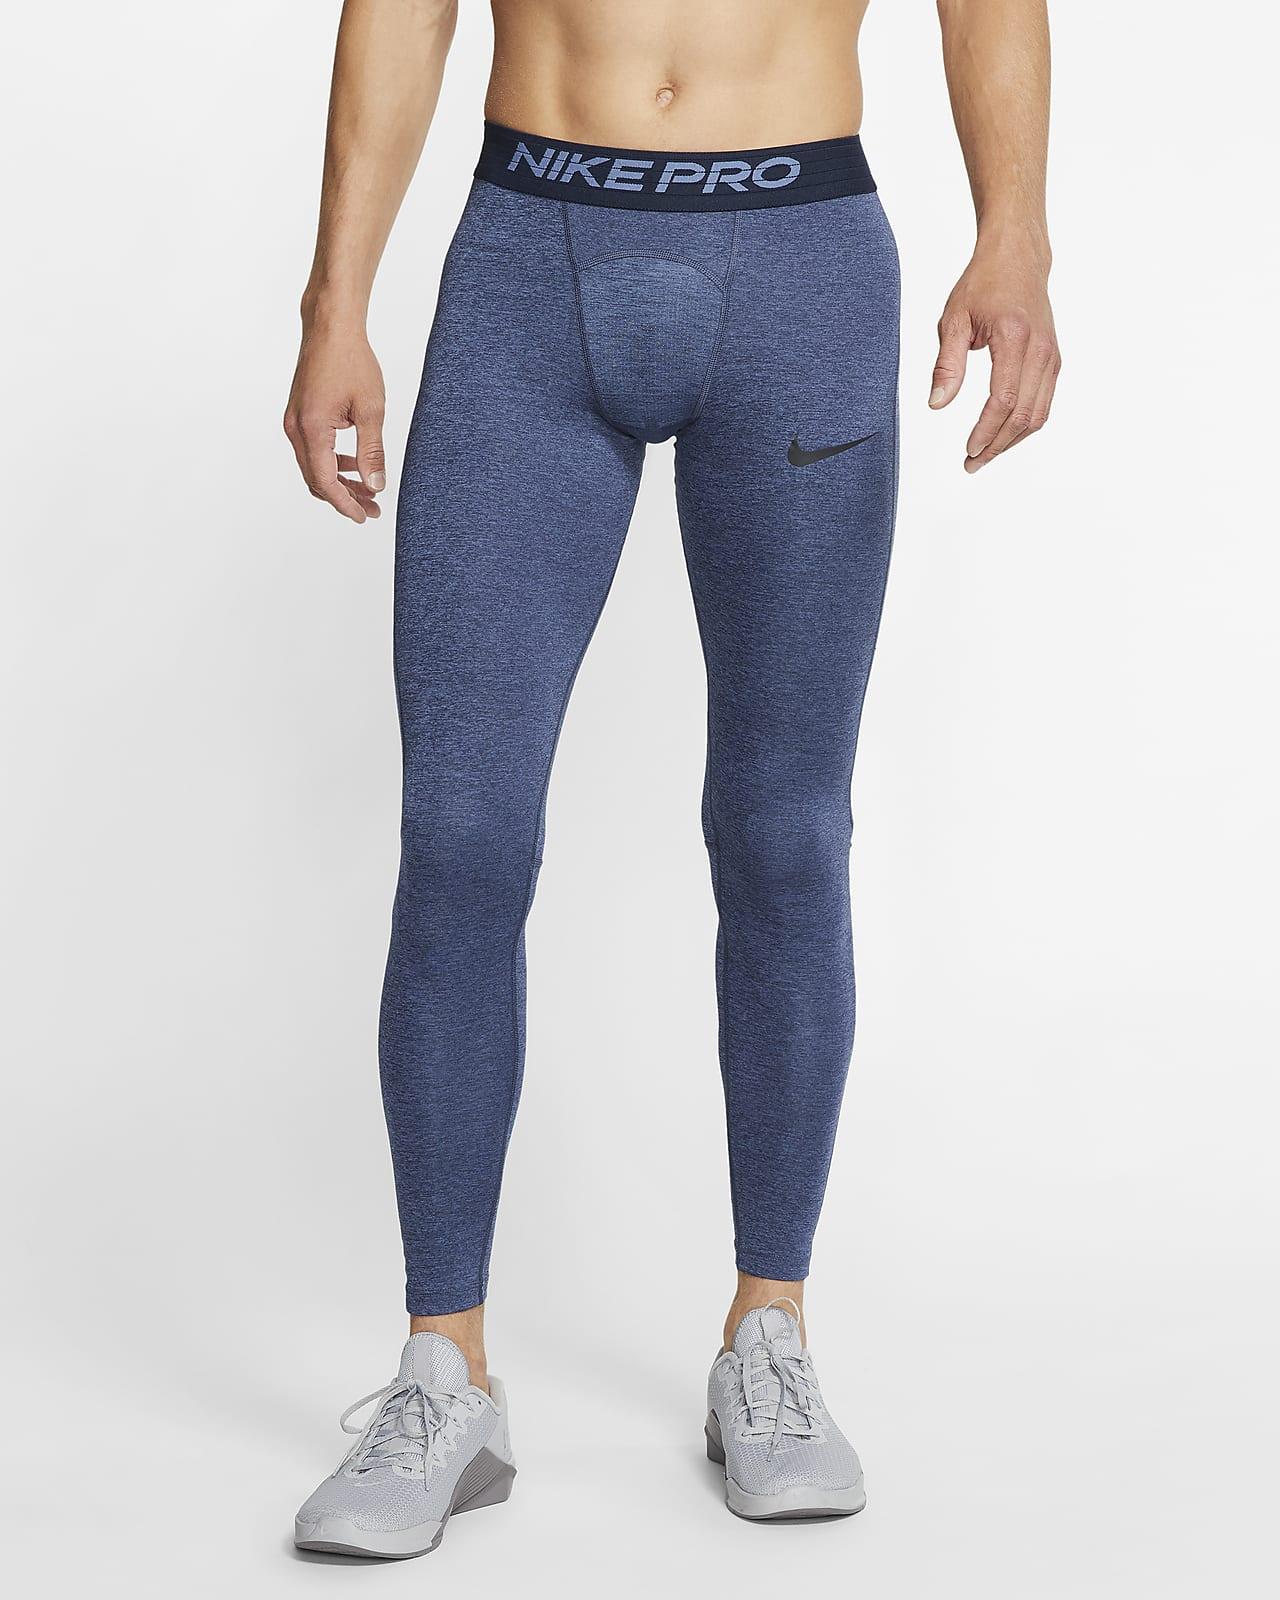 Incierto aguja Hasta  Mallas para hombre Nike Pro. Nike.com